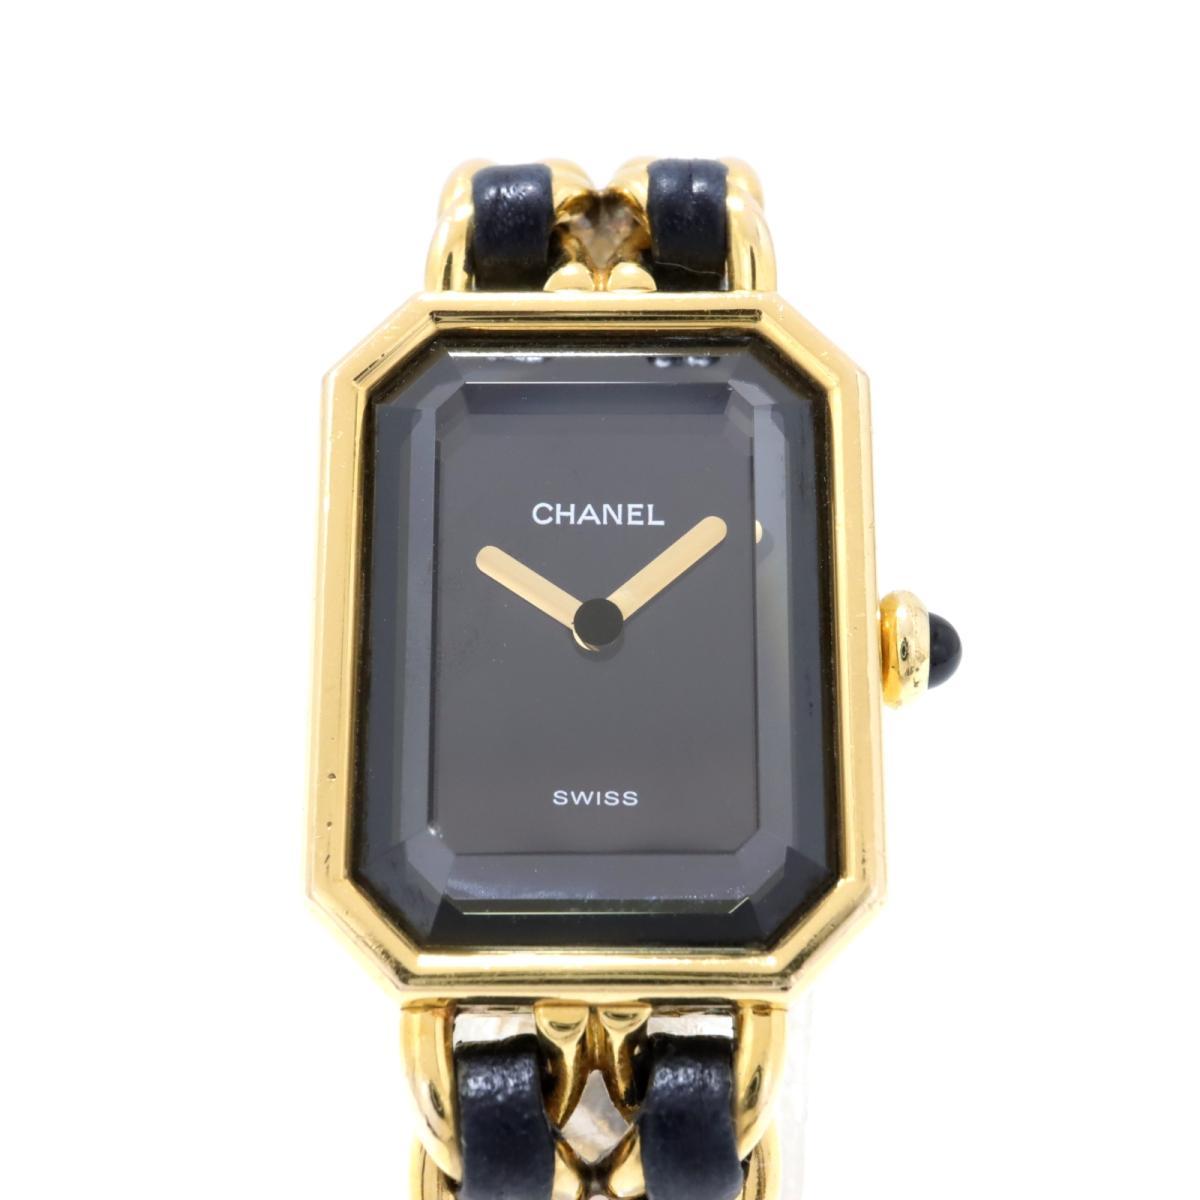 【中古】 シャネル プルミエールM 腕時計 レディース GP 革 ゴールド ブラック | CHANEL BRANDOFF ブランドオフ ブランド ブランド時計 ブランド腕時計 時計 ウォッチ